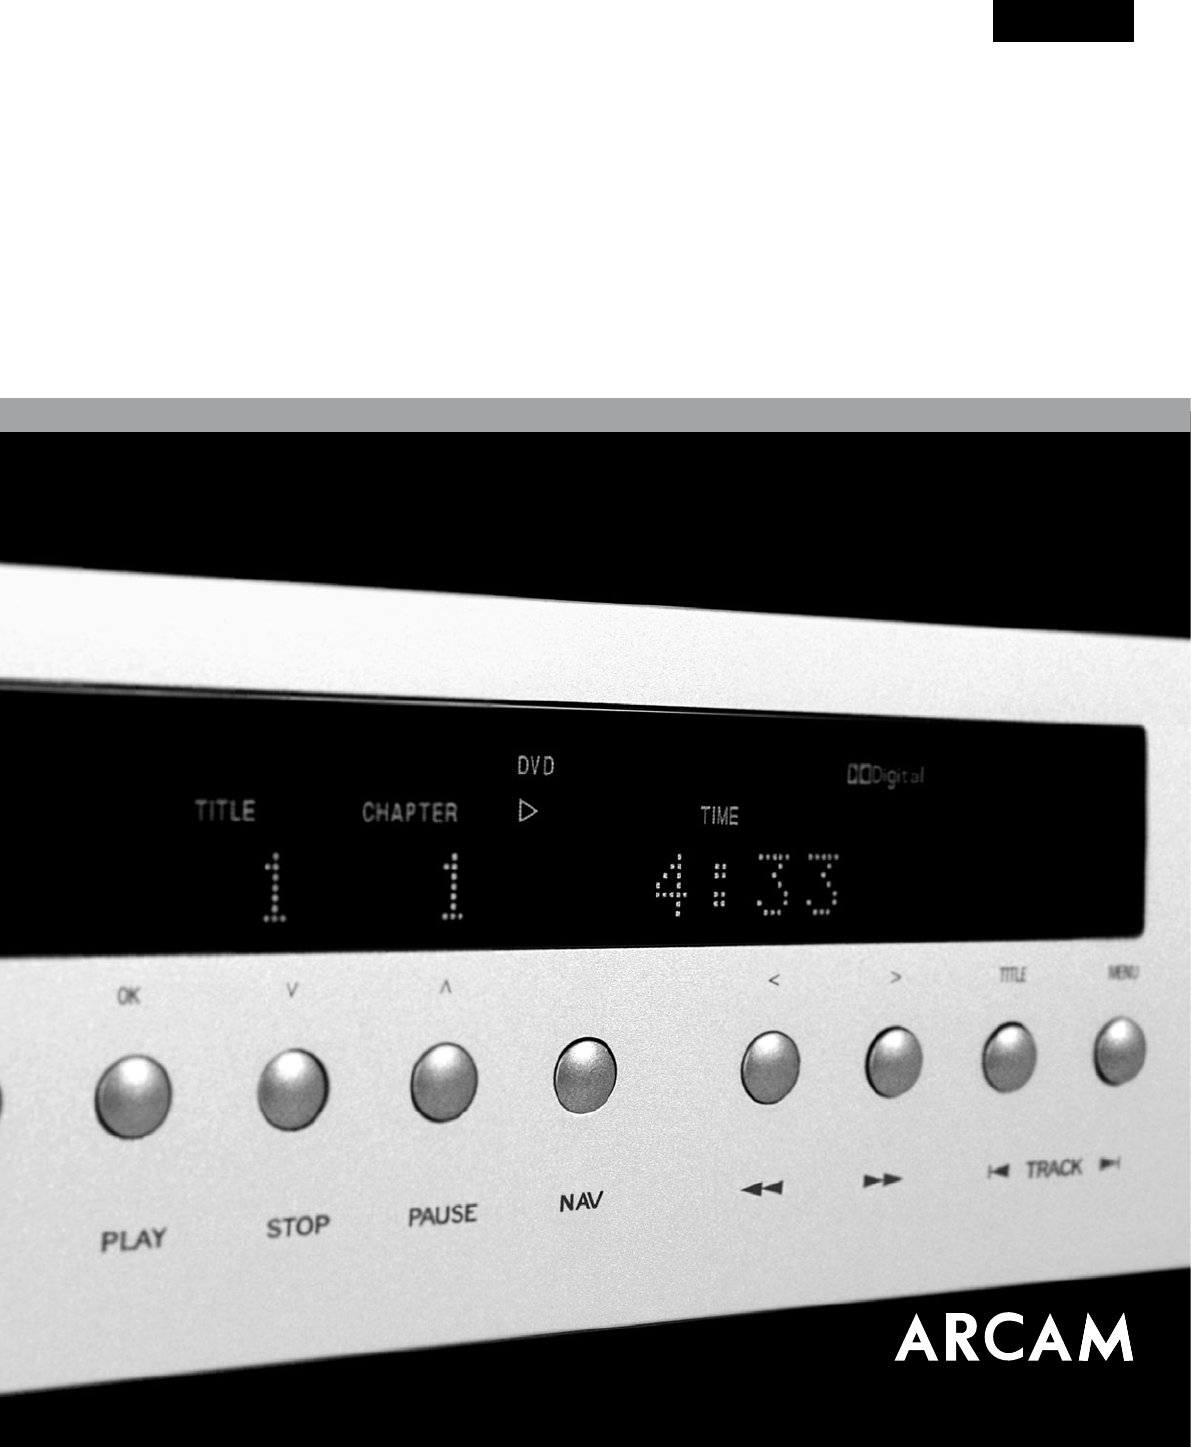 arcam dvd player dv137 user guide manualsonline com rh tv manualsonline com